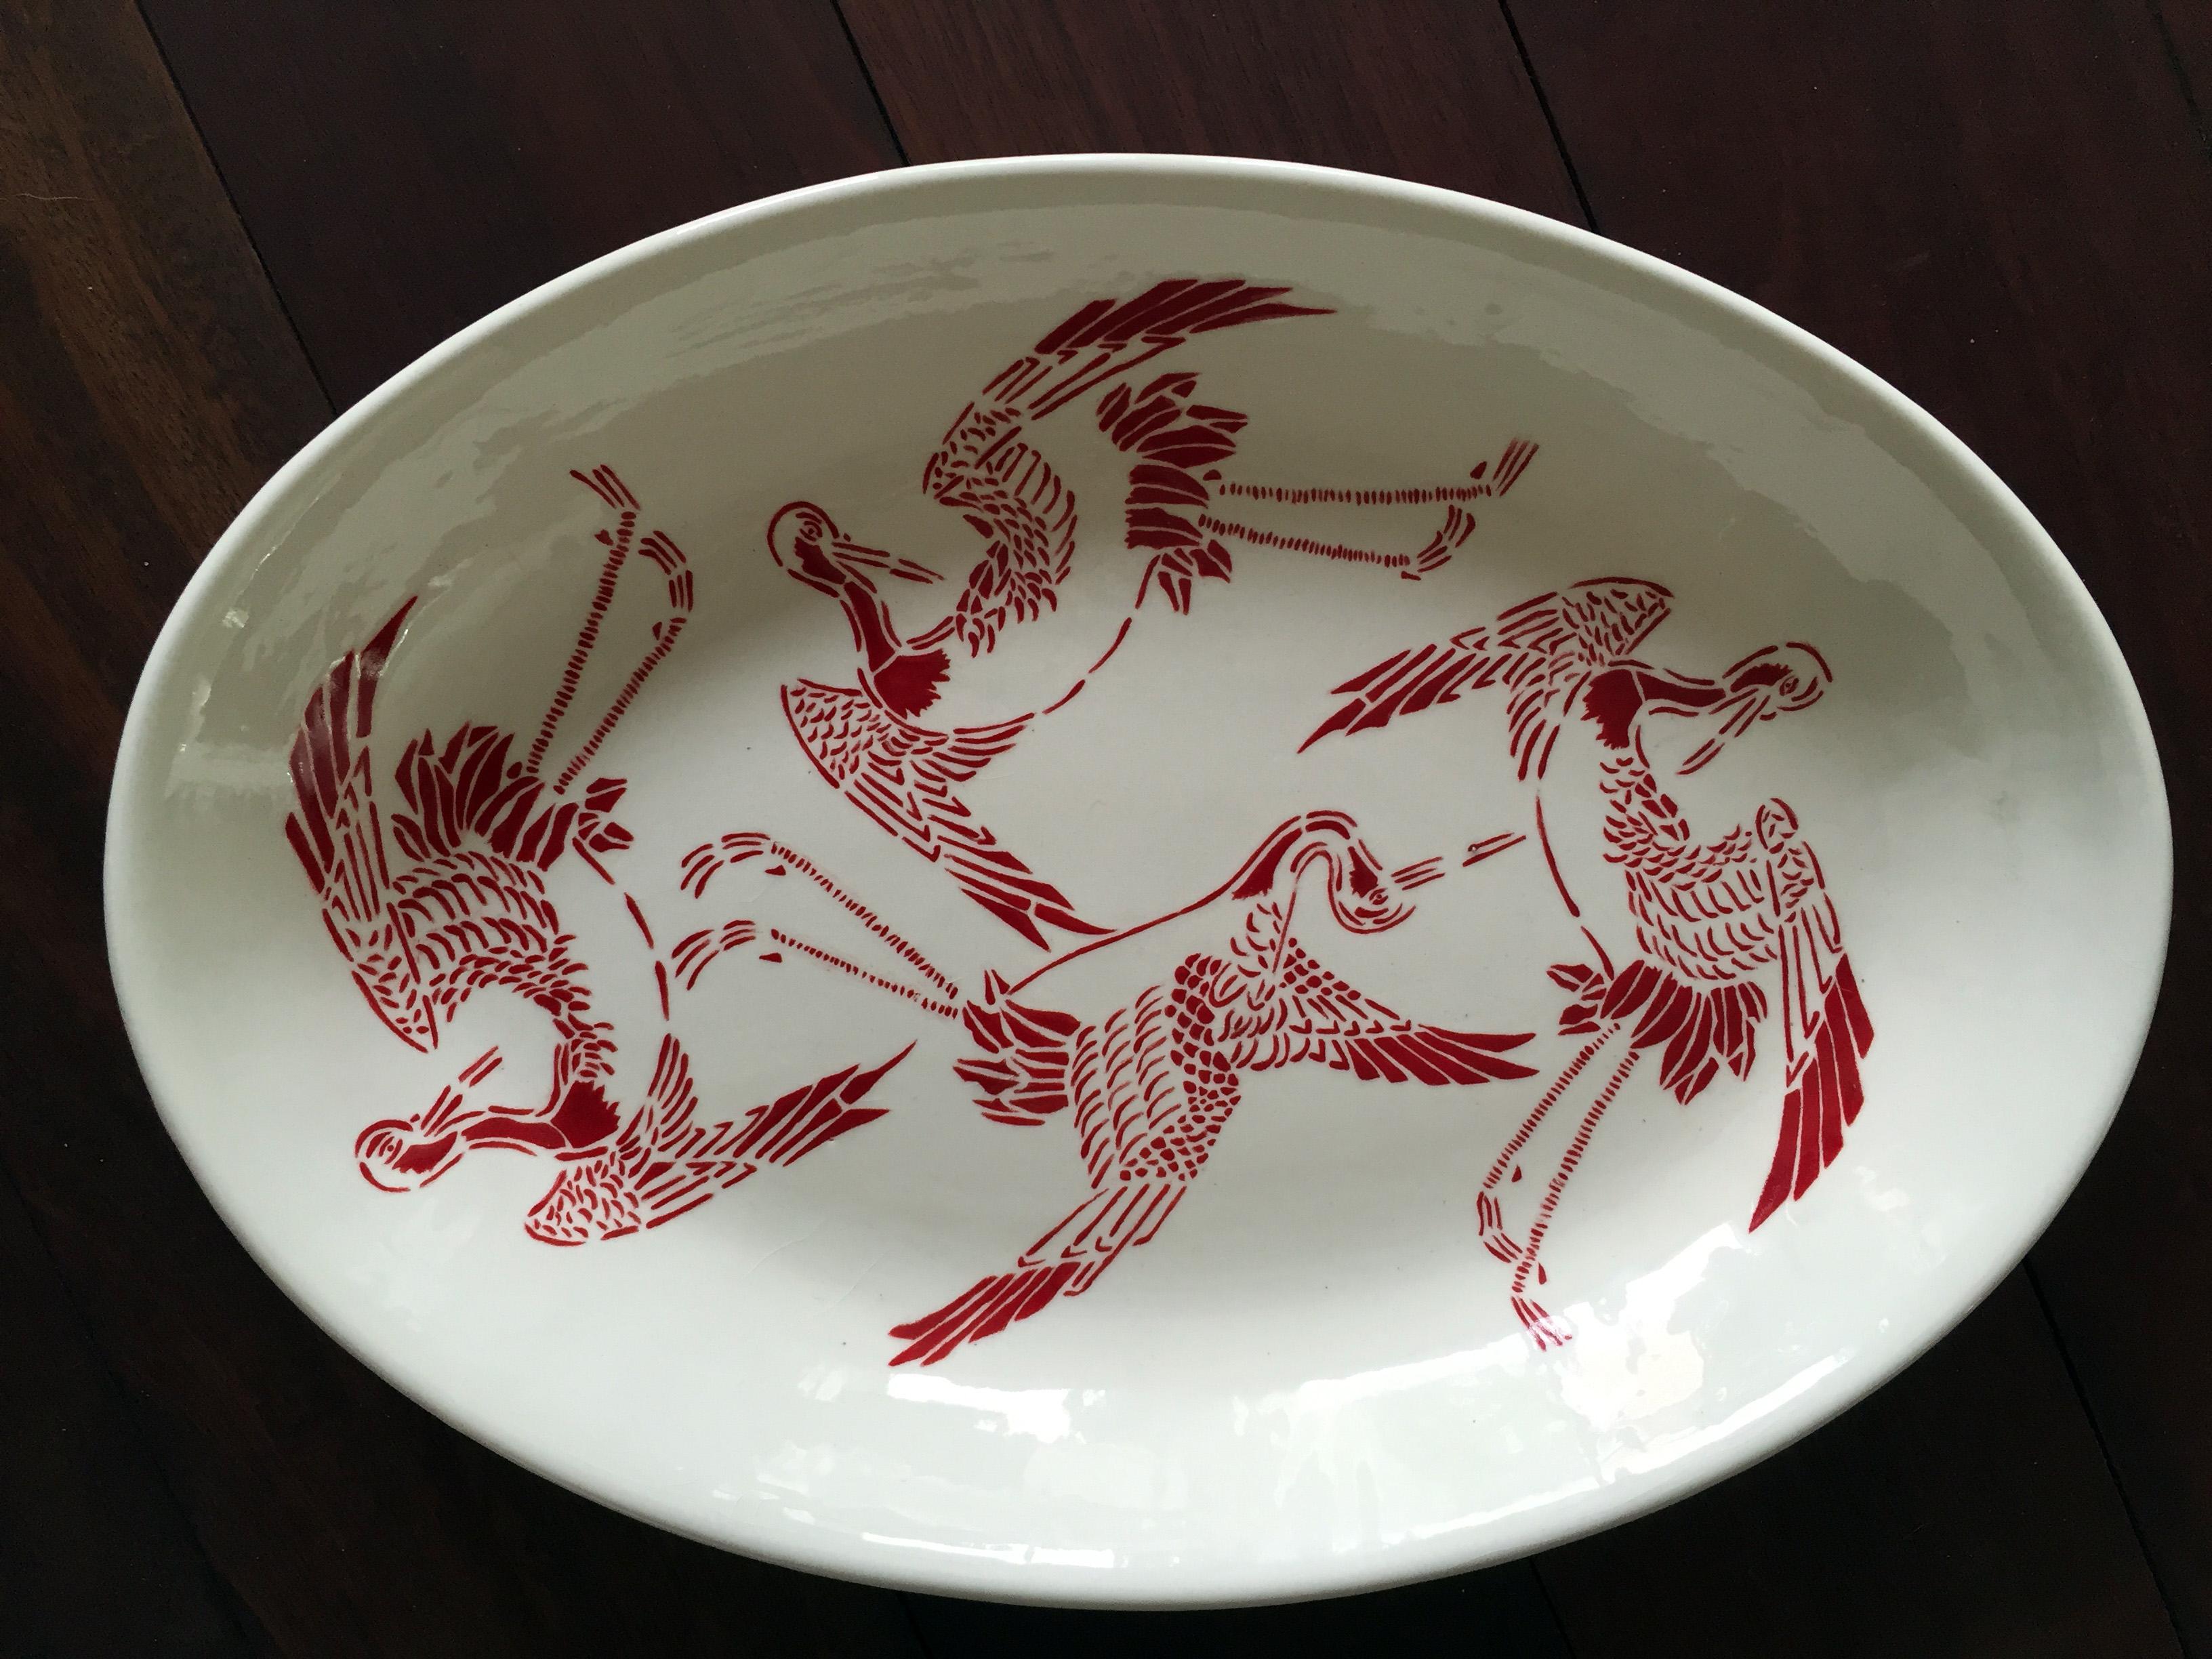 Binnenkant ovale schaal met kraanvogels en egaal rode onderkant